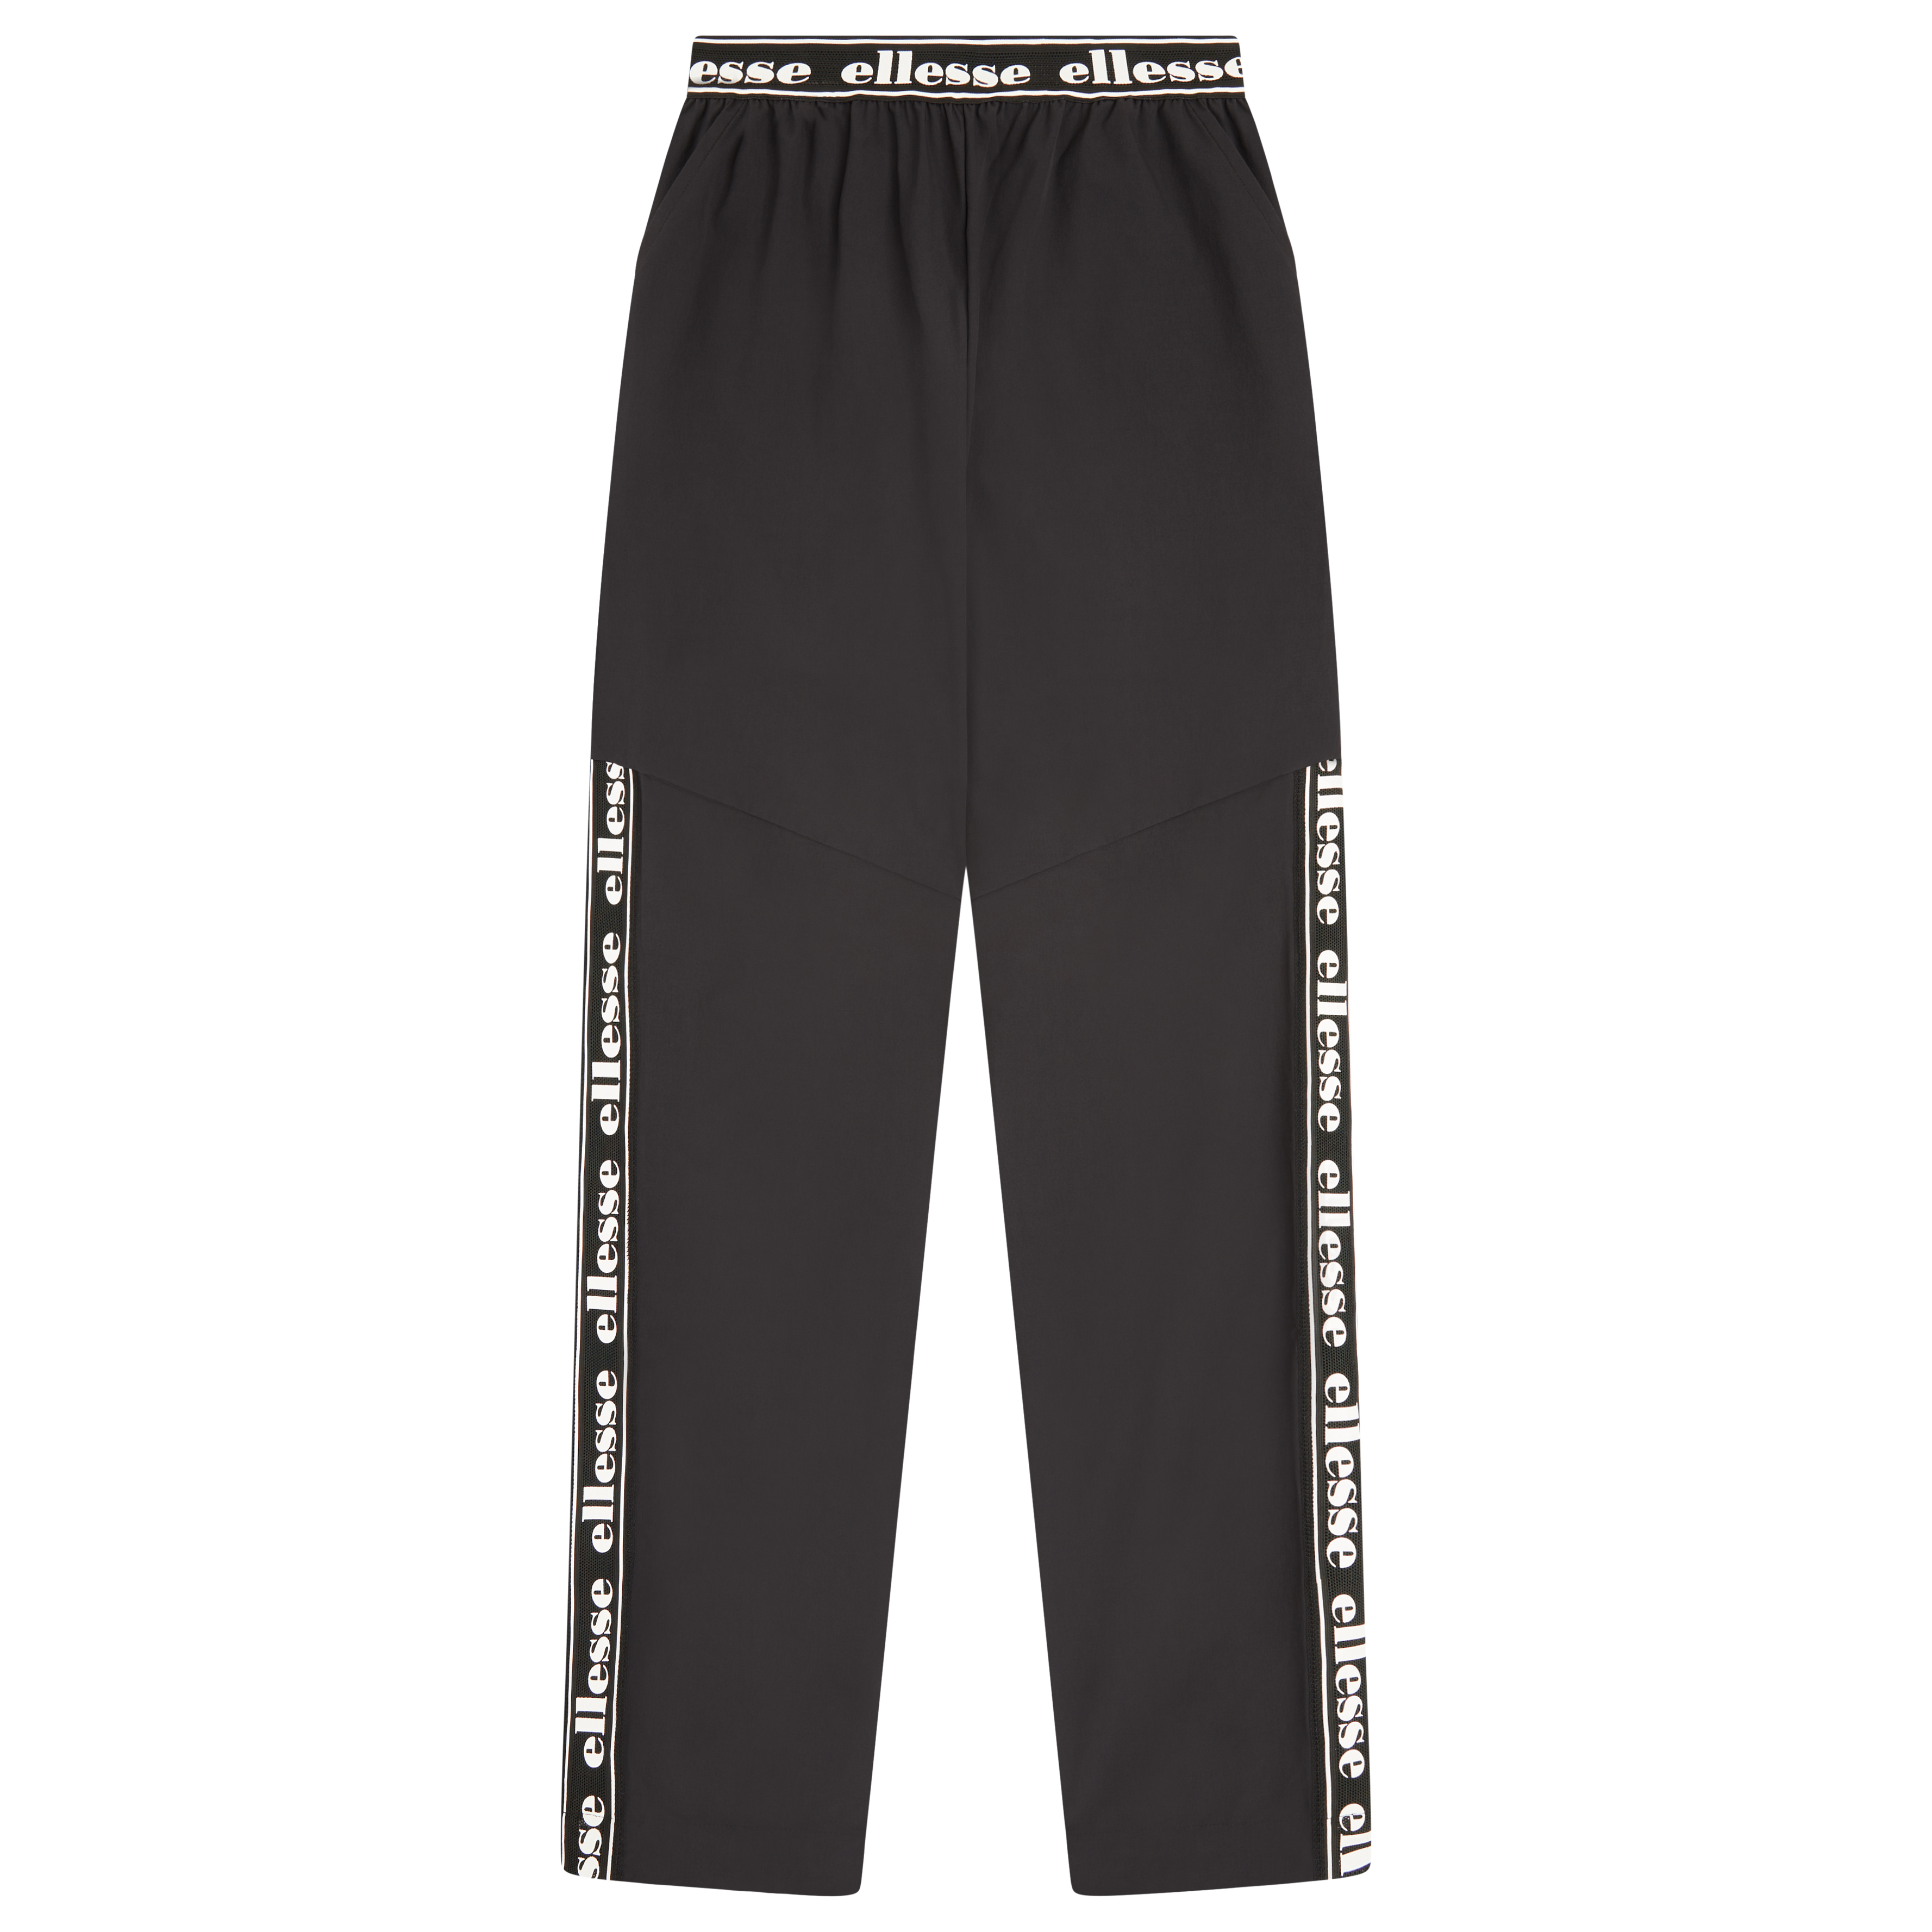 Ellesse fabiola bukser